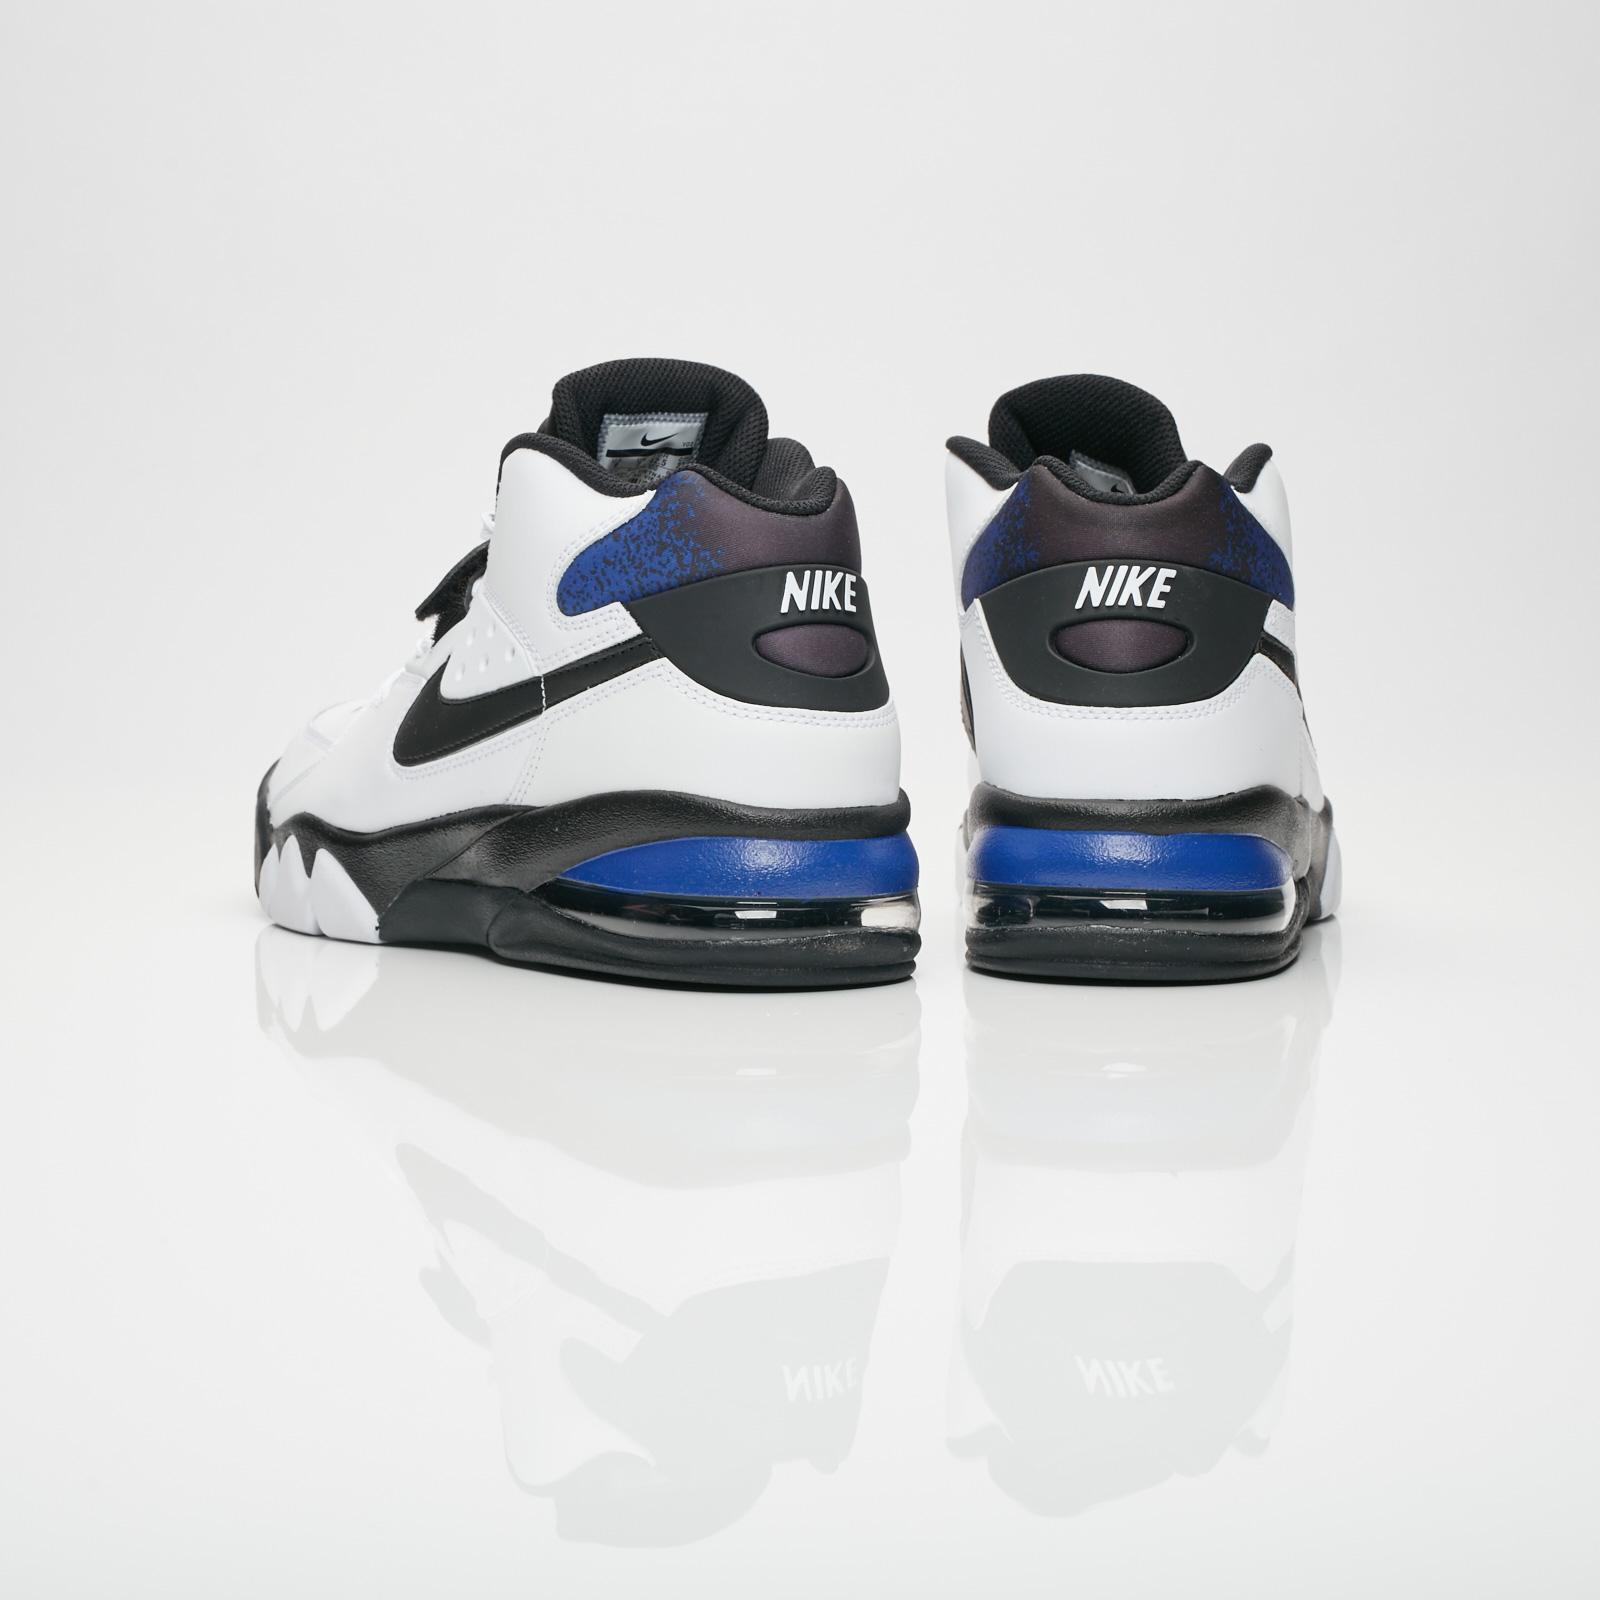 fde269183b Nike Air Force Max 93 - Ah5534-100 - Sneakersnstuff | sneakers & streetwear  online since 1999